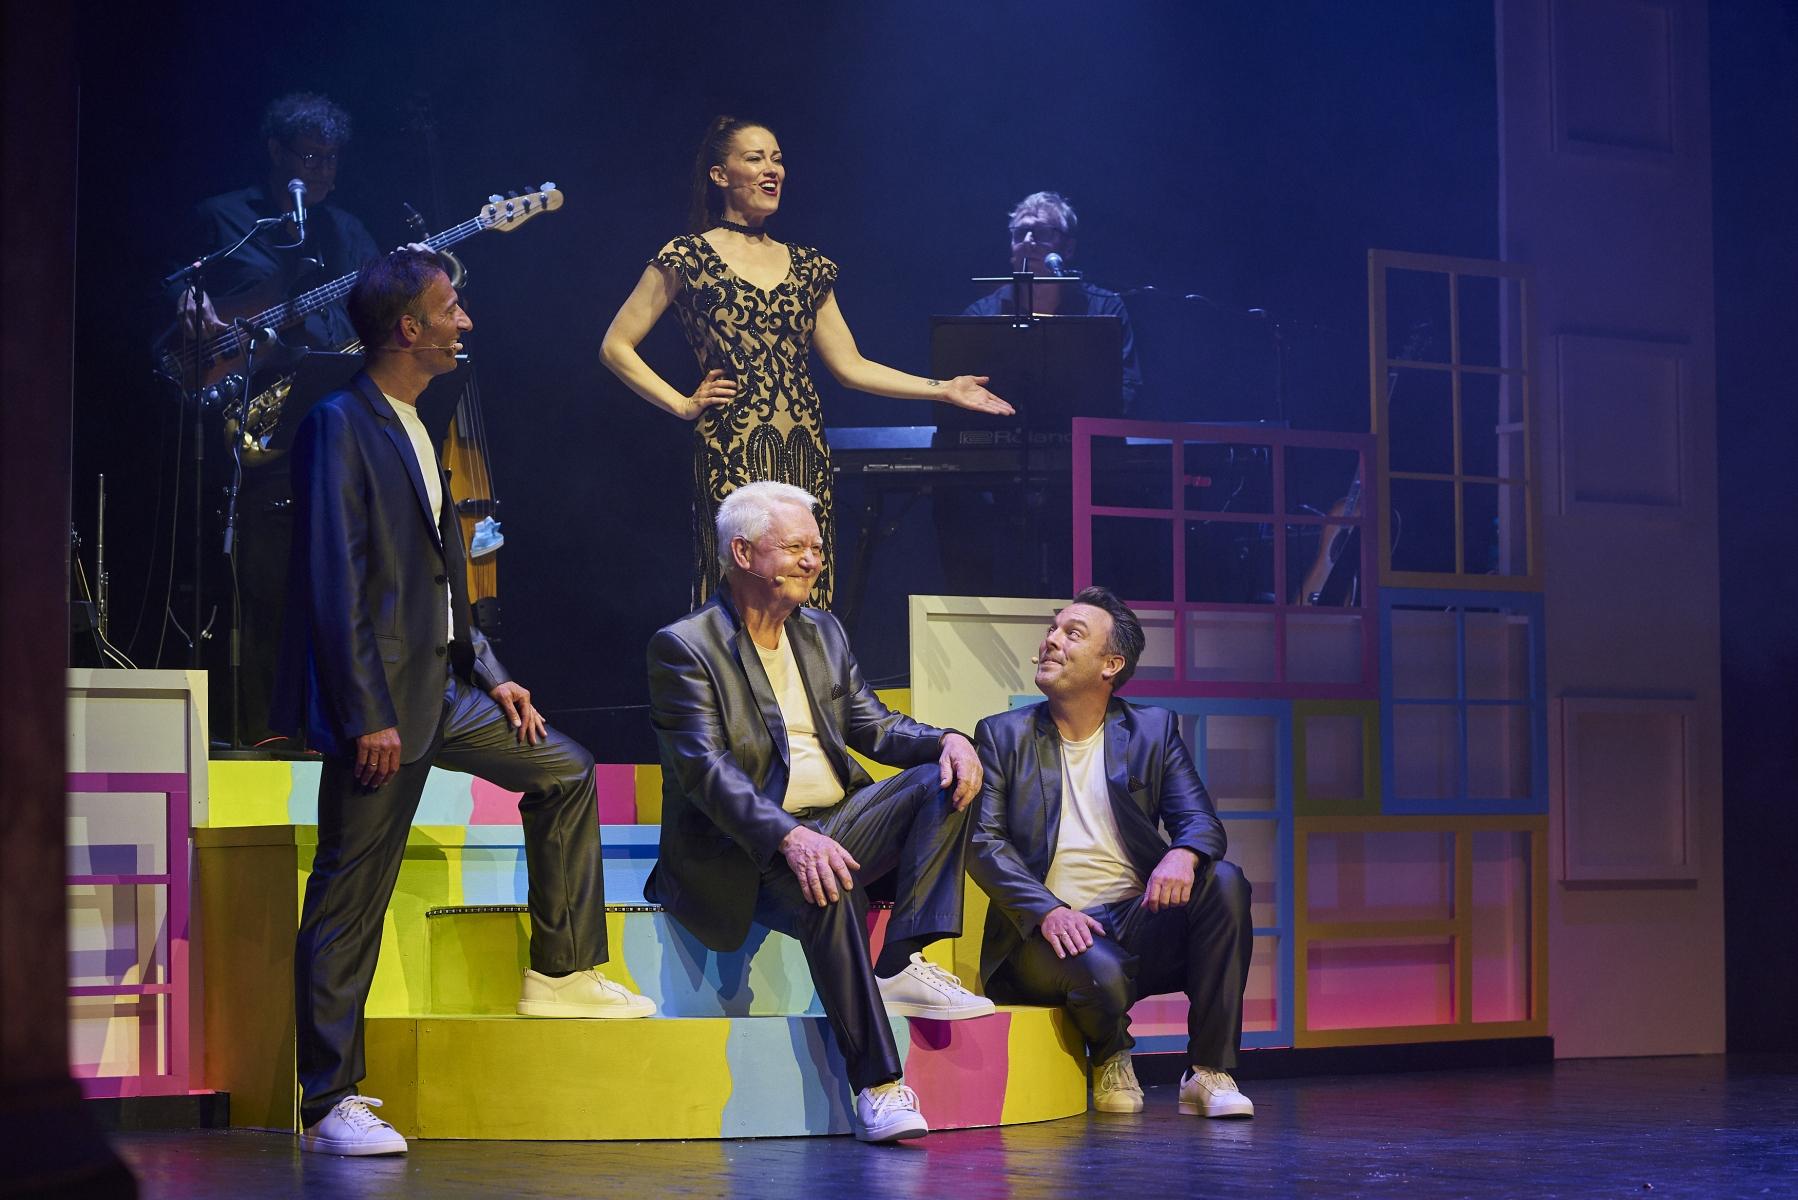 Anmeldelse: Rottefælden 2021: Sjovt, du er med, Svendborg Teater (Rottefælden)